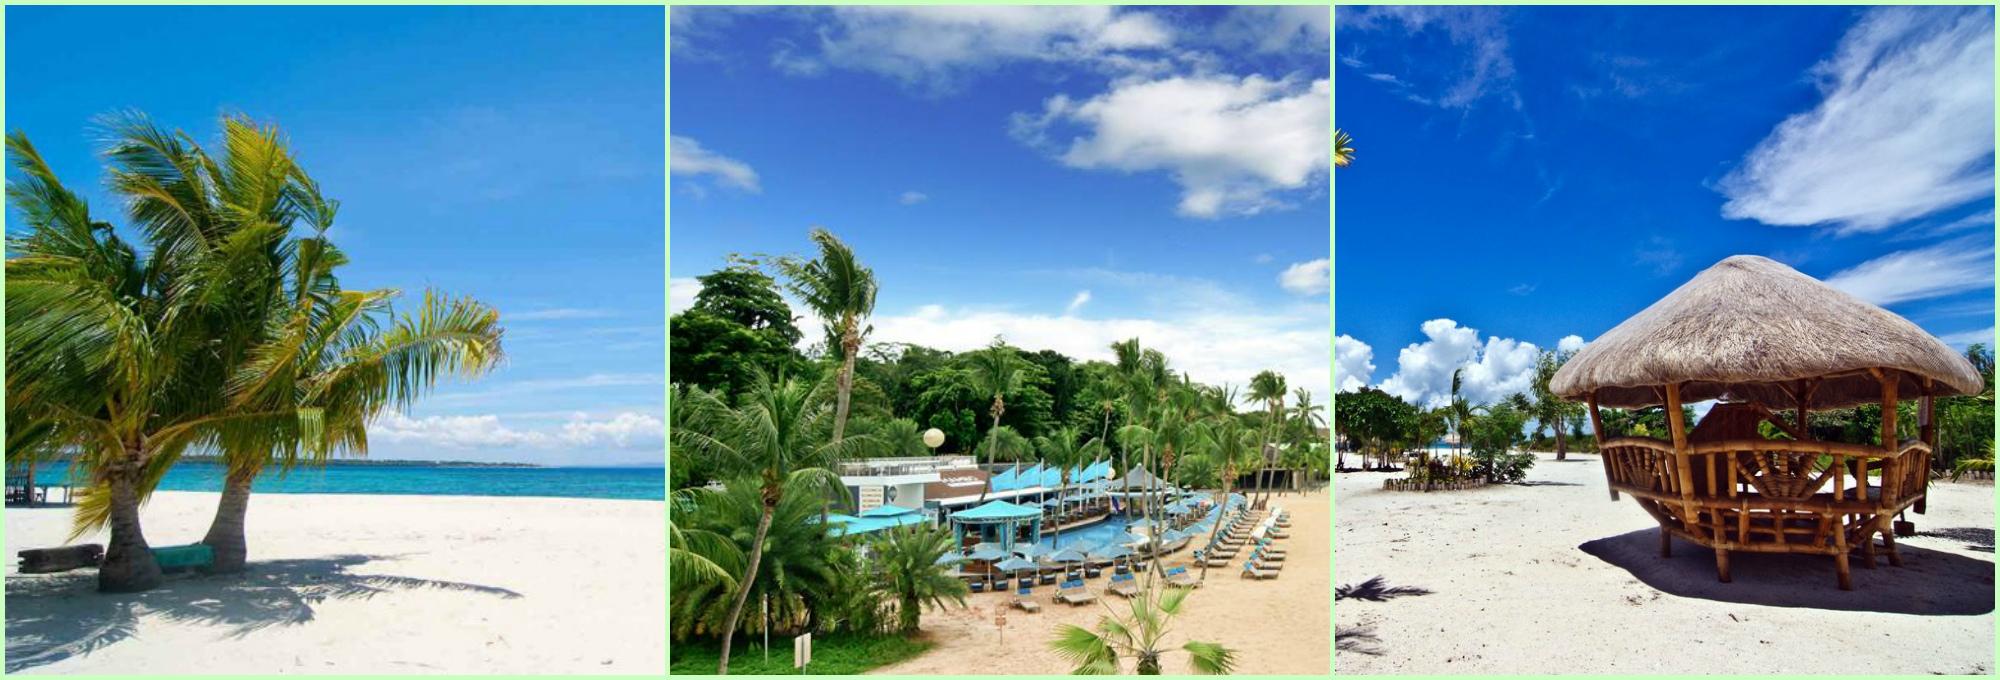 Отдых на Филиппинах(11н, о.Себу)+Сингапур (3н),